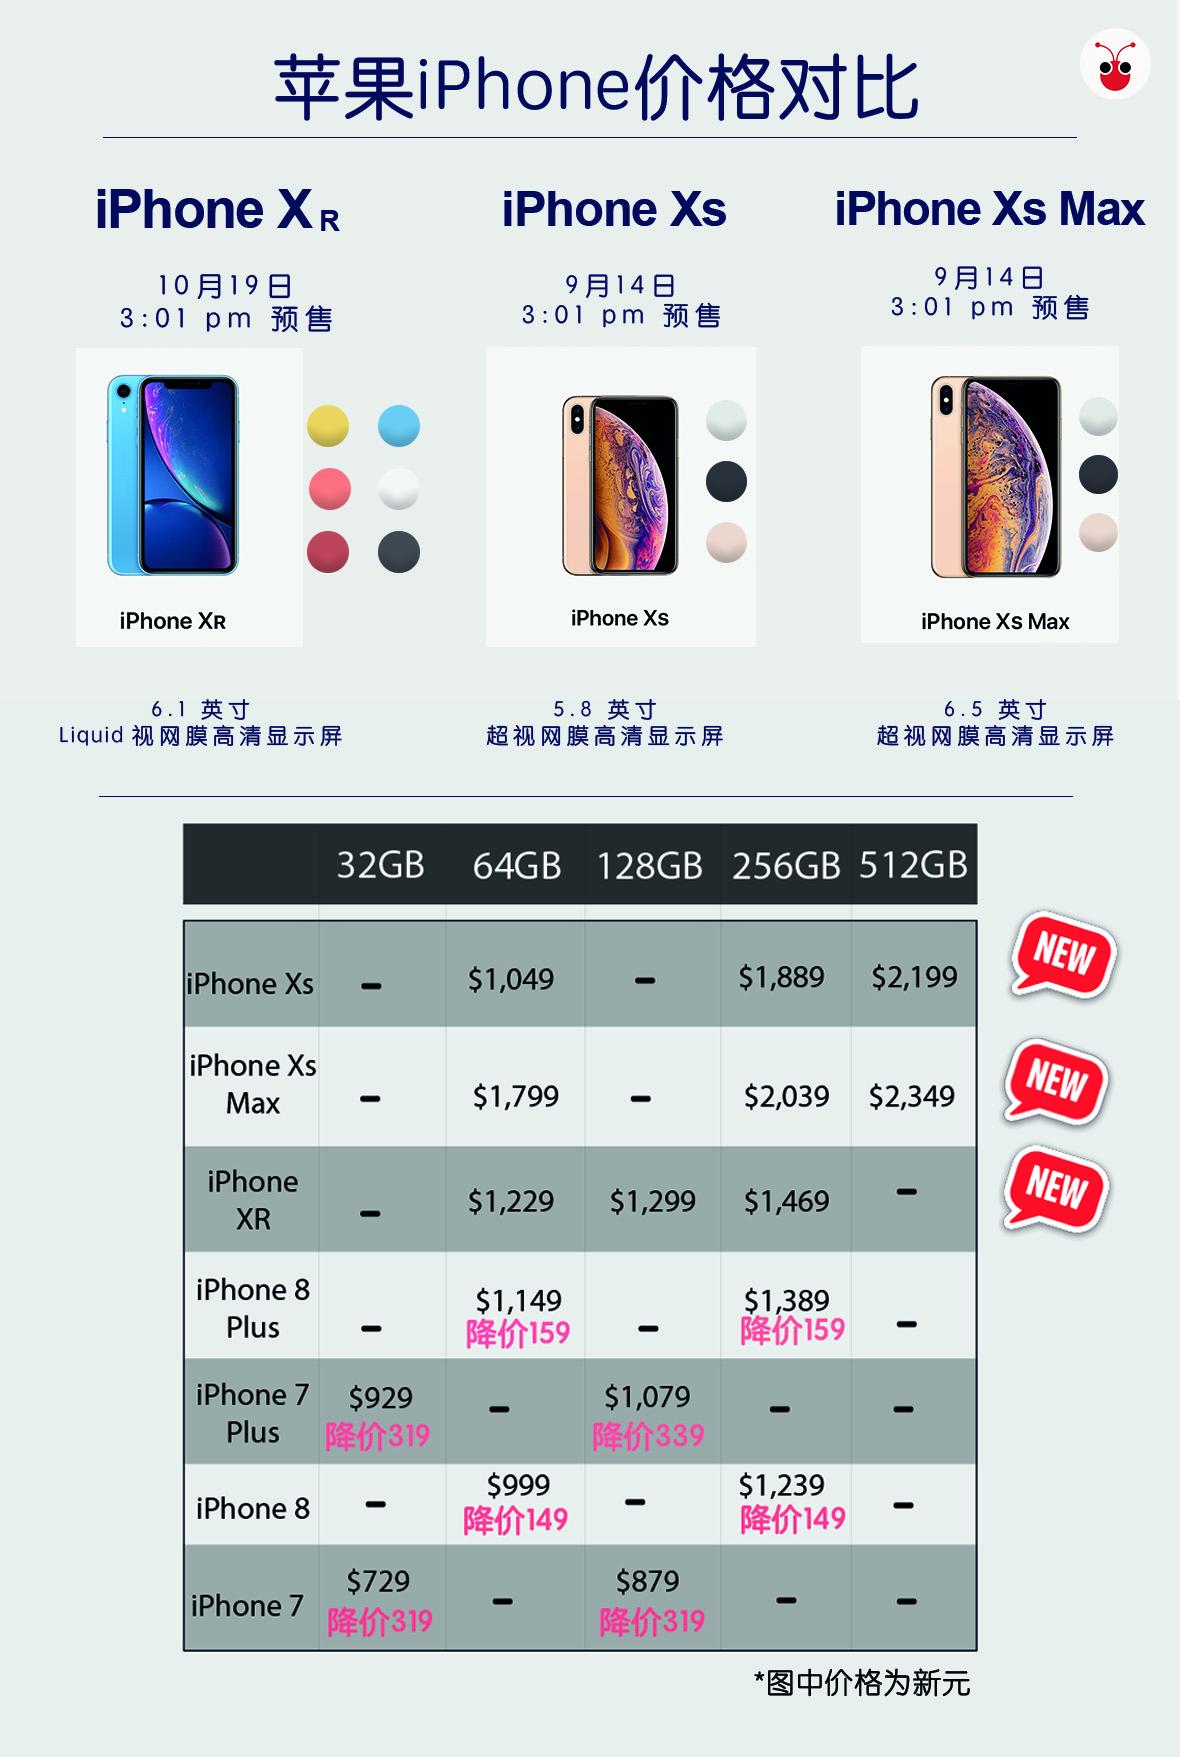 苹果秋季发布会公布新一代iPhone智能手机